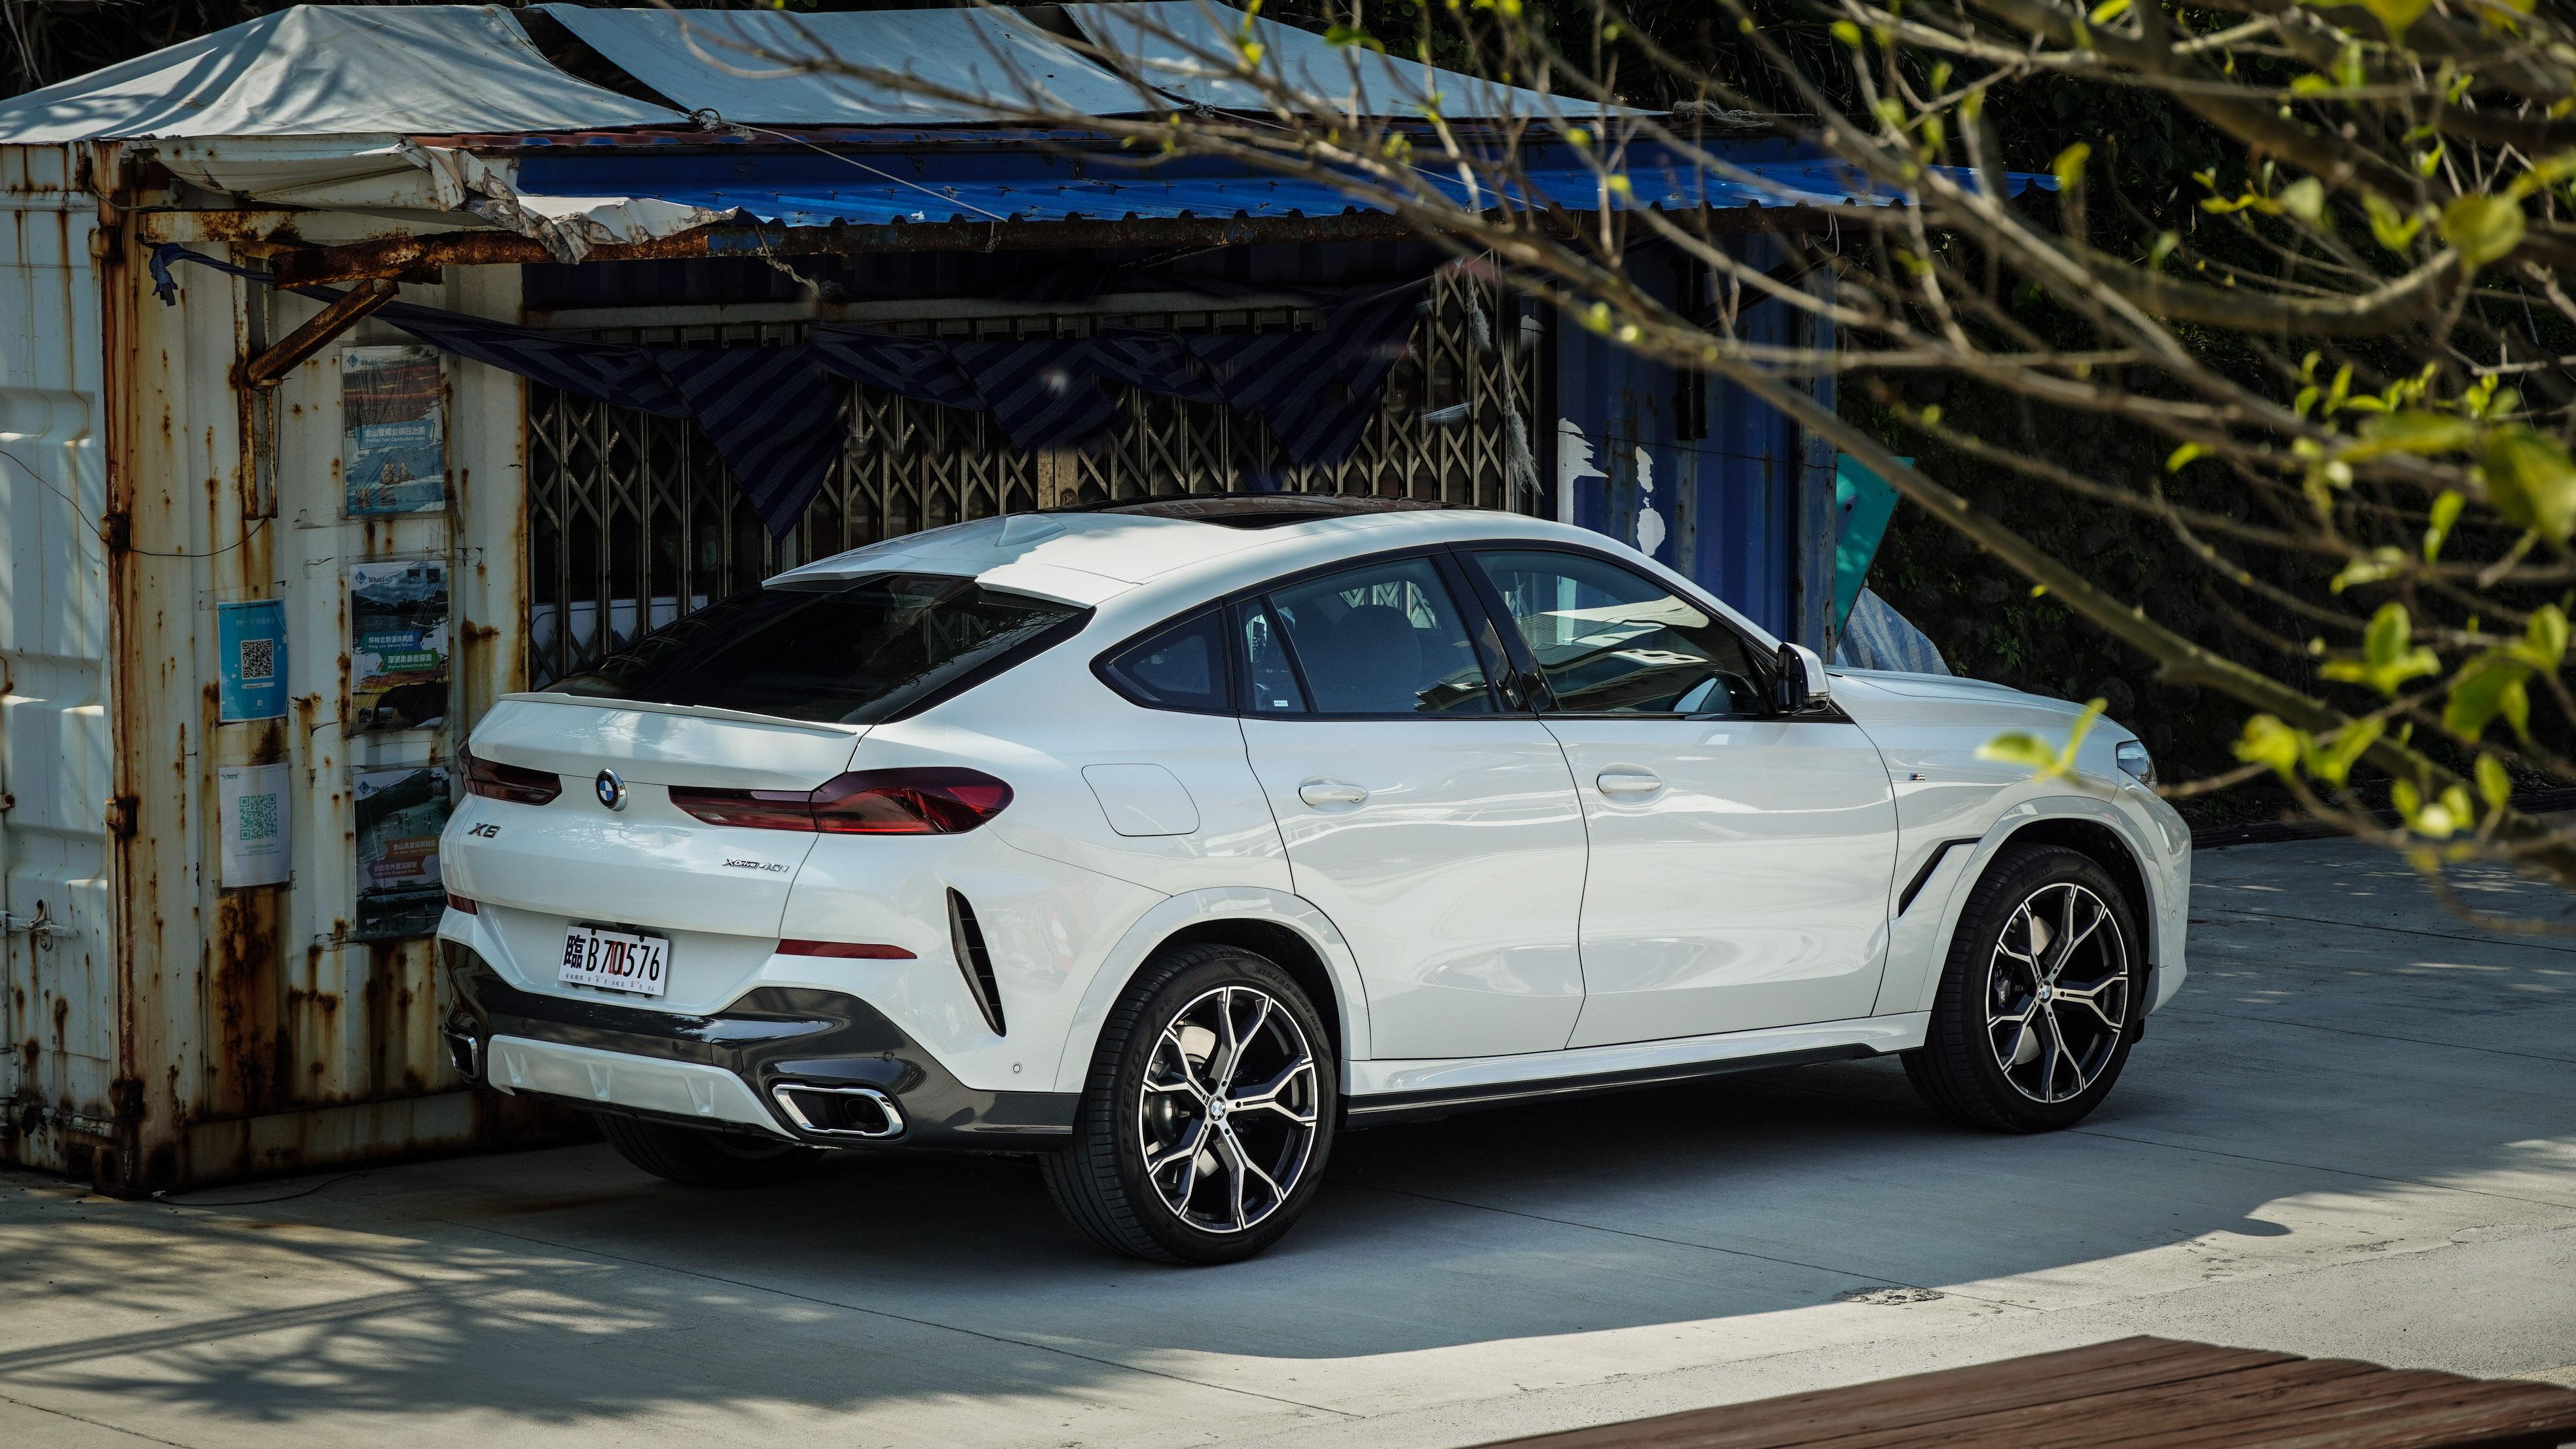 莫忘初衷!沒選 M Sport,別說你有買 BMW X6